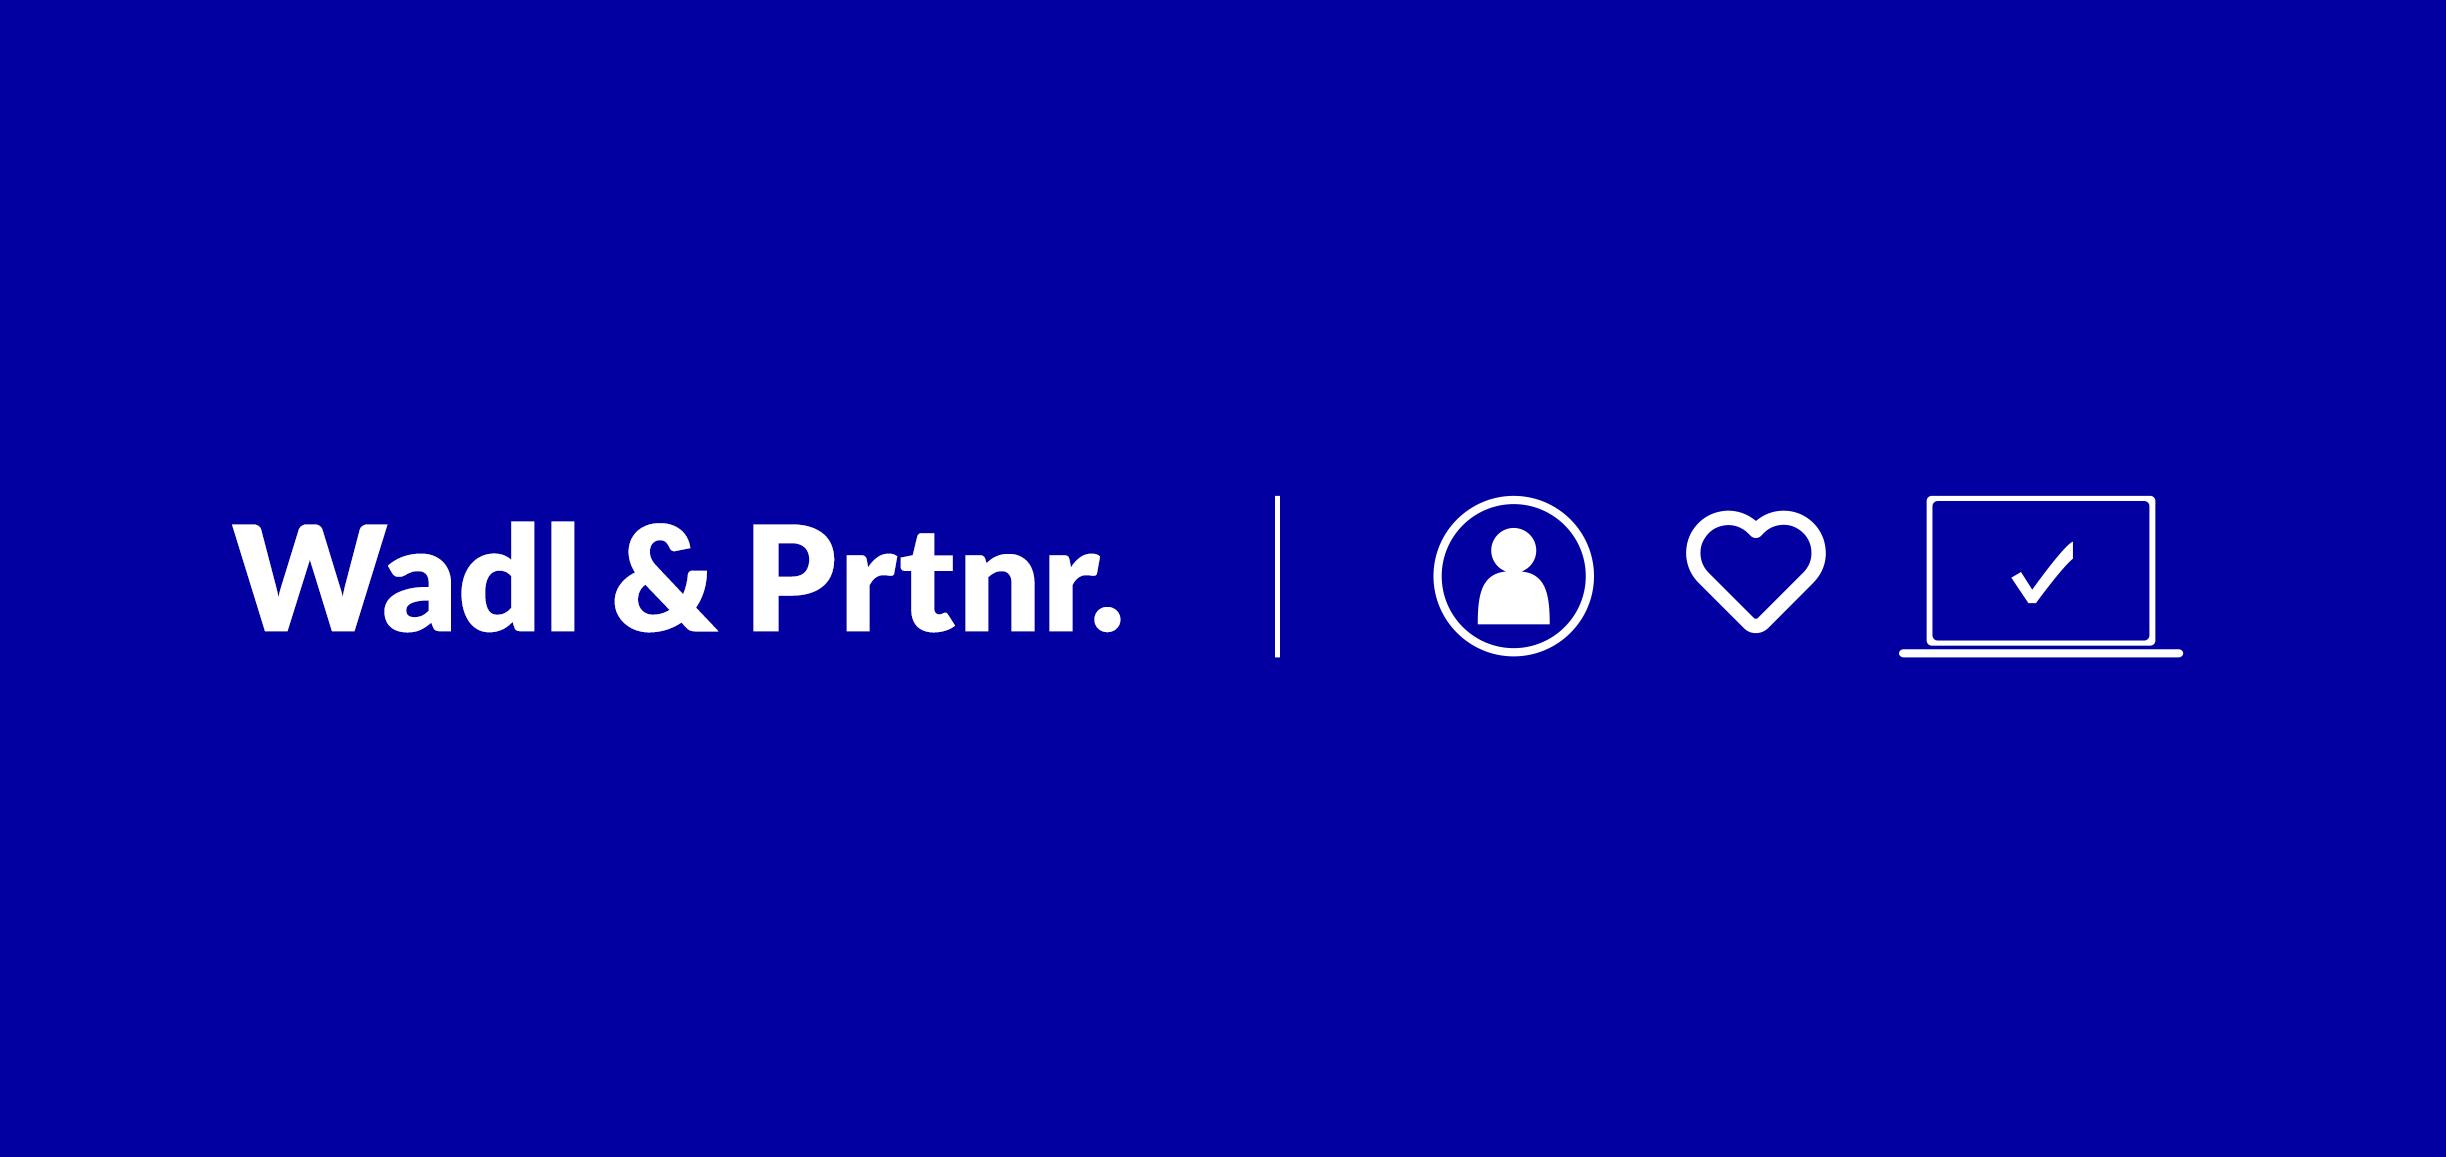 Wadl_und_Prtnr._Entwicklung_digitaler_Plattformen_Love_Design_CI